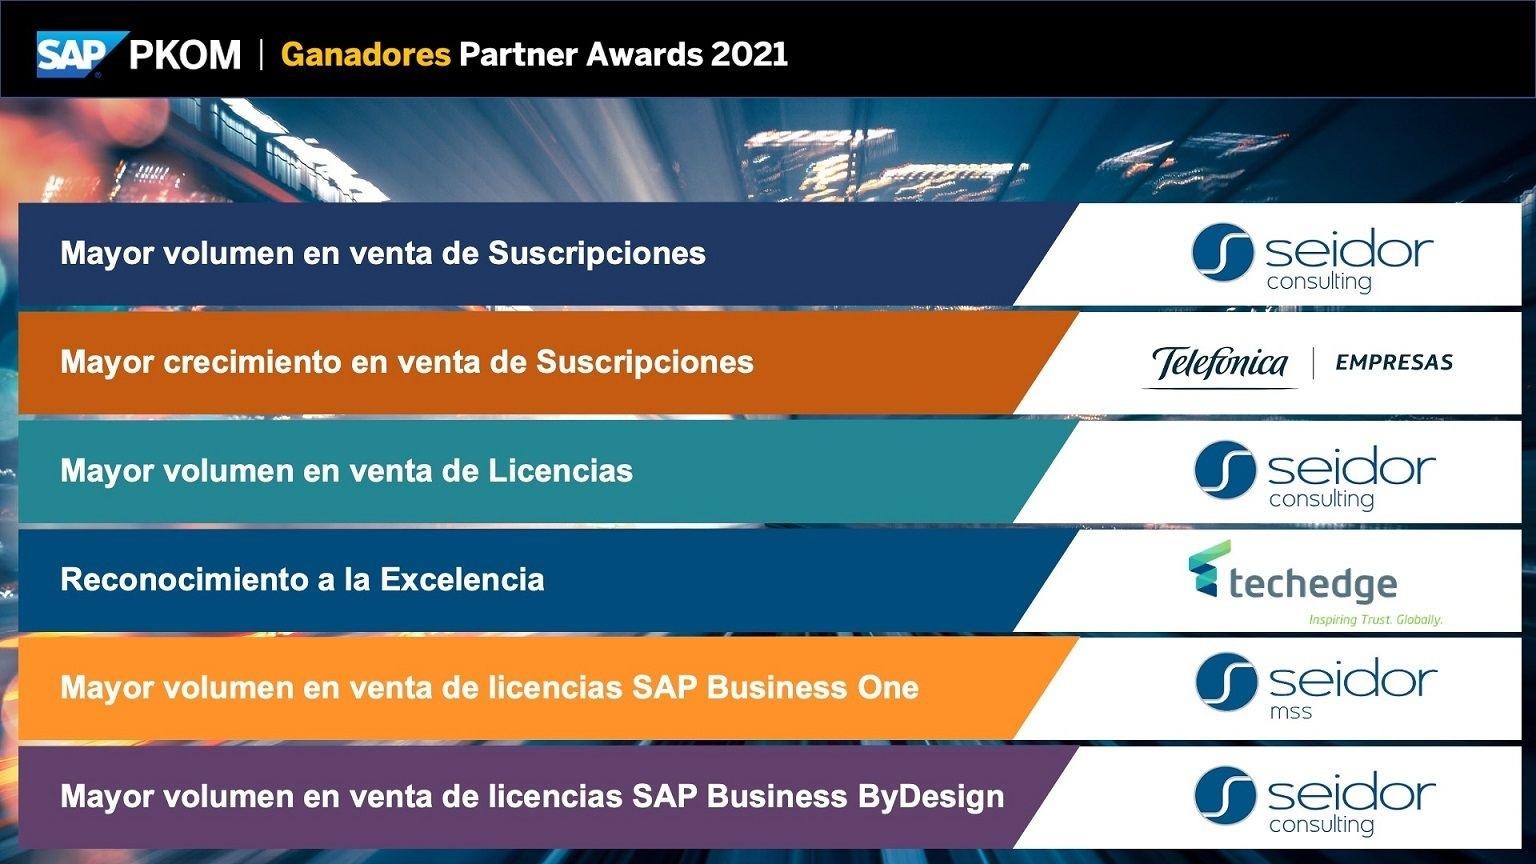 Relación de premiados en las diferentes categorías.